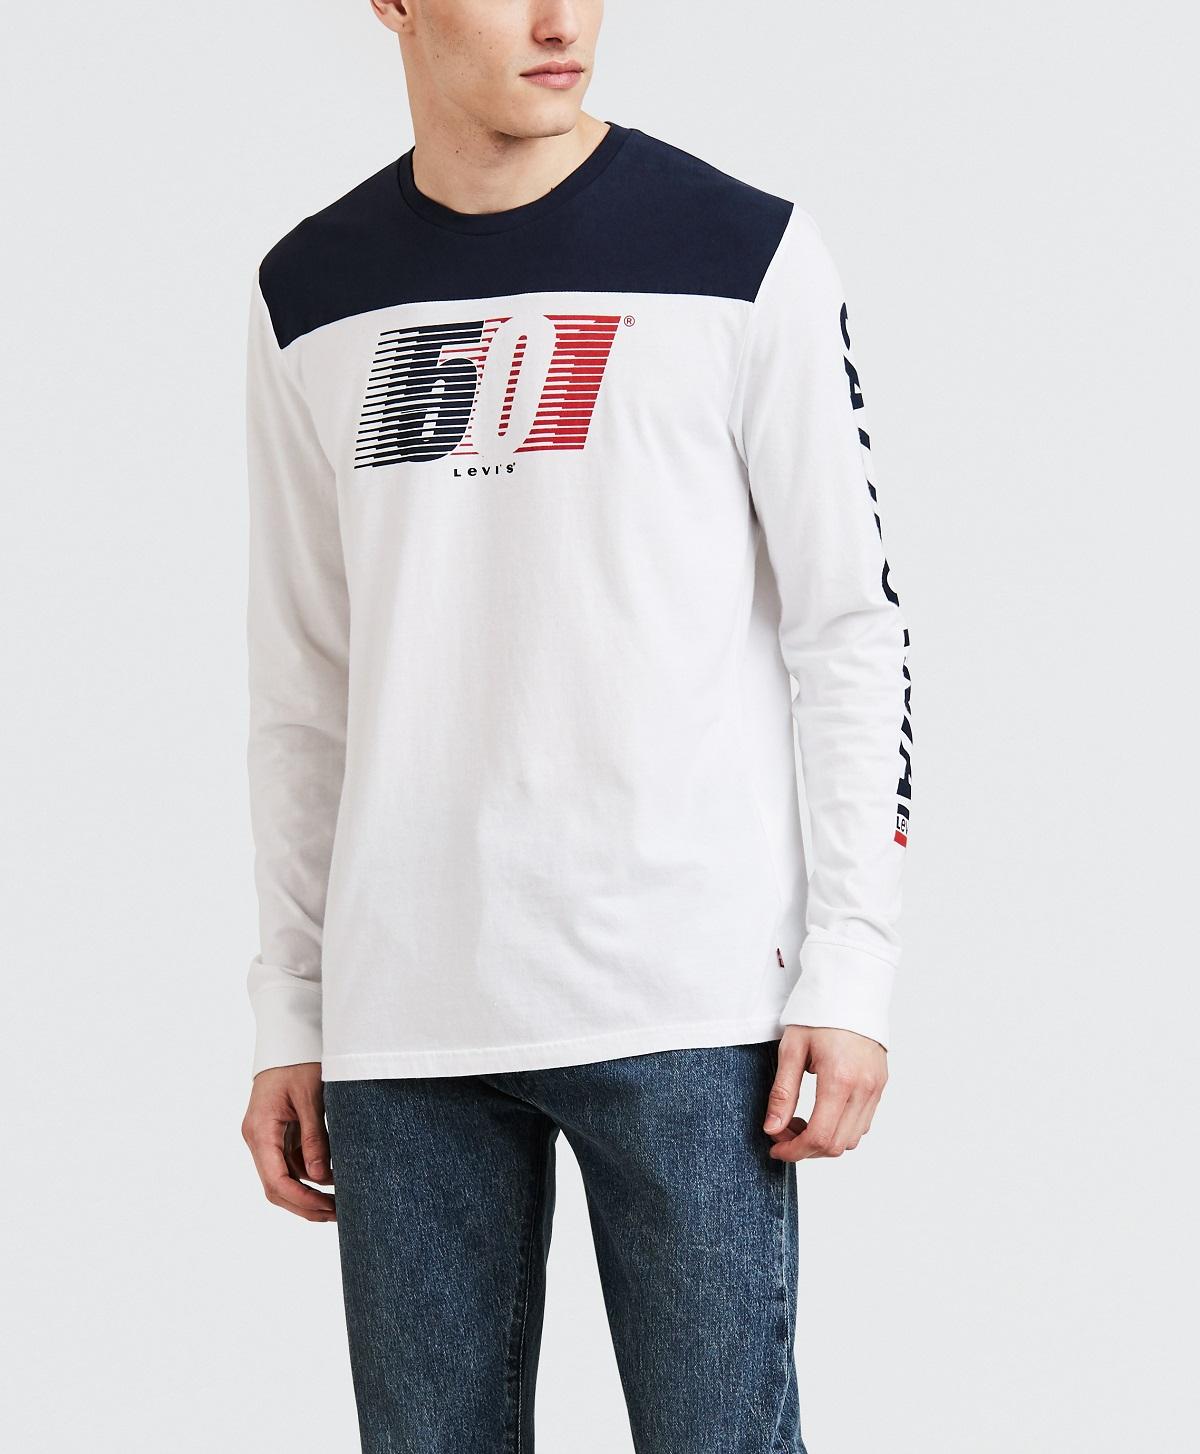 Levis pánské triko s dlouhým rukávem 56847-0000 Bílá XXL